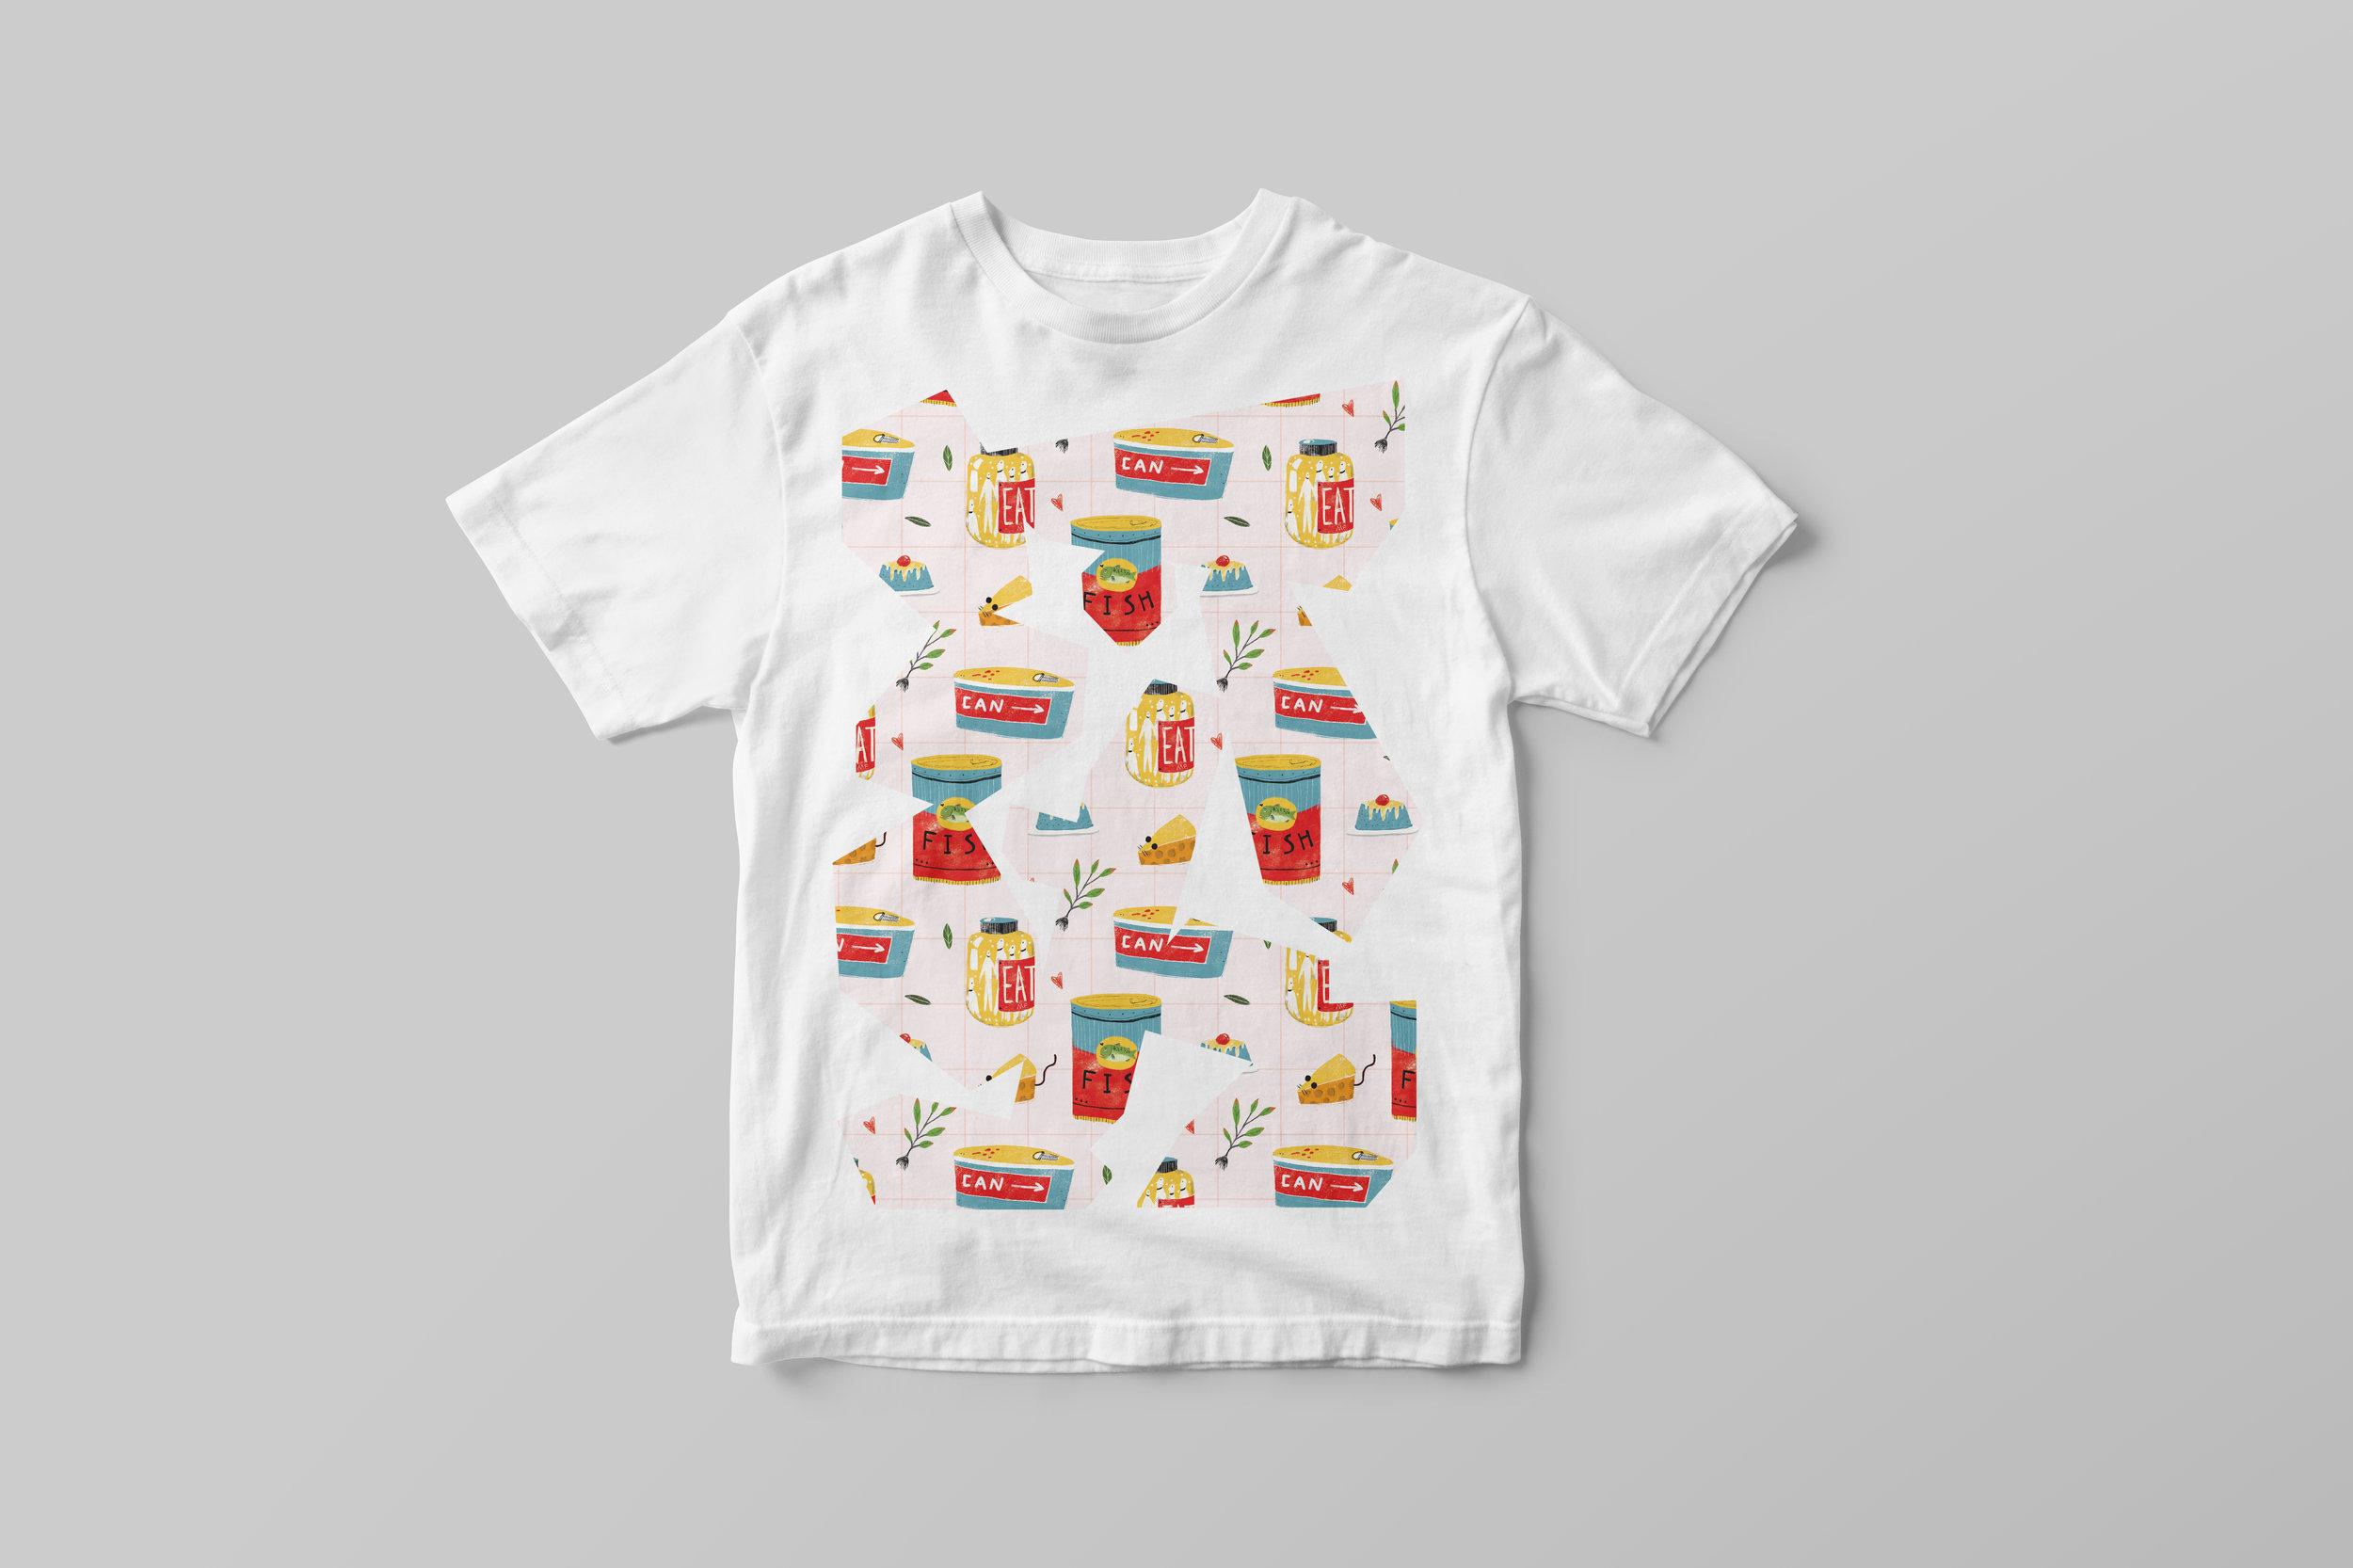 Tshirt Mockup copy.jpg